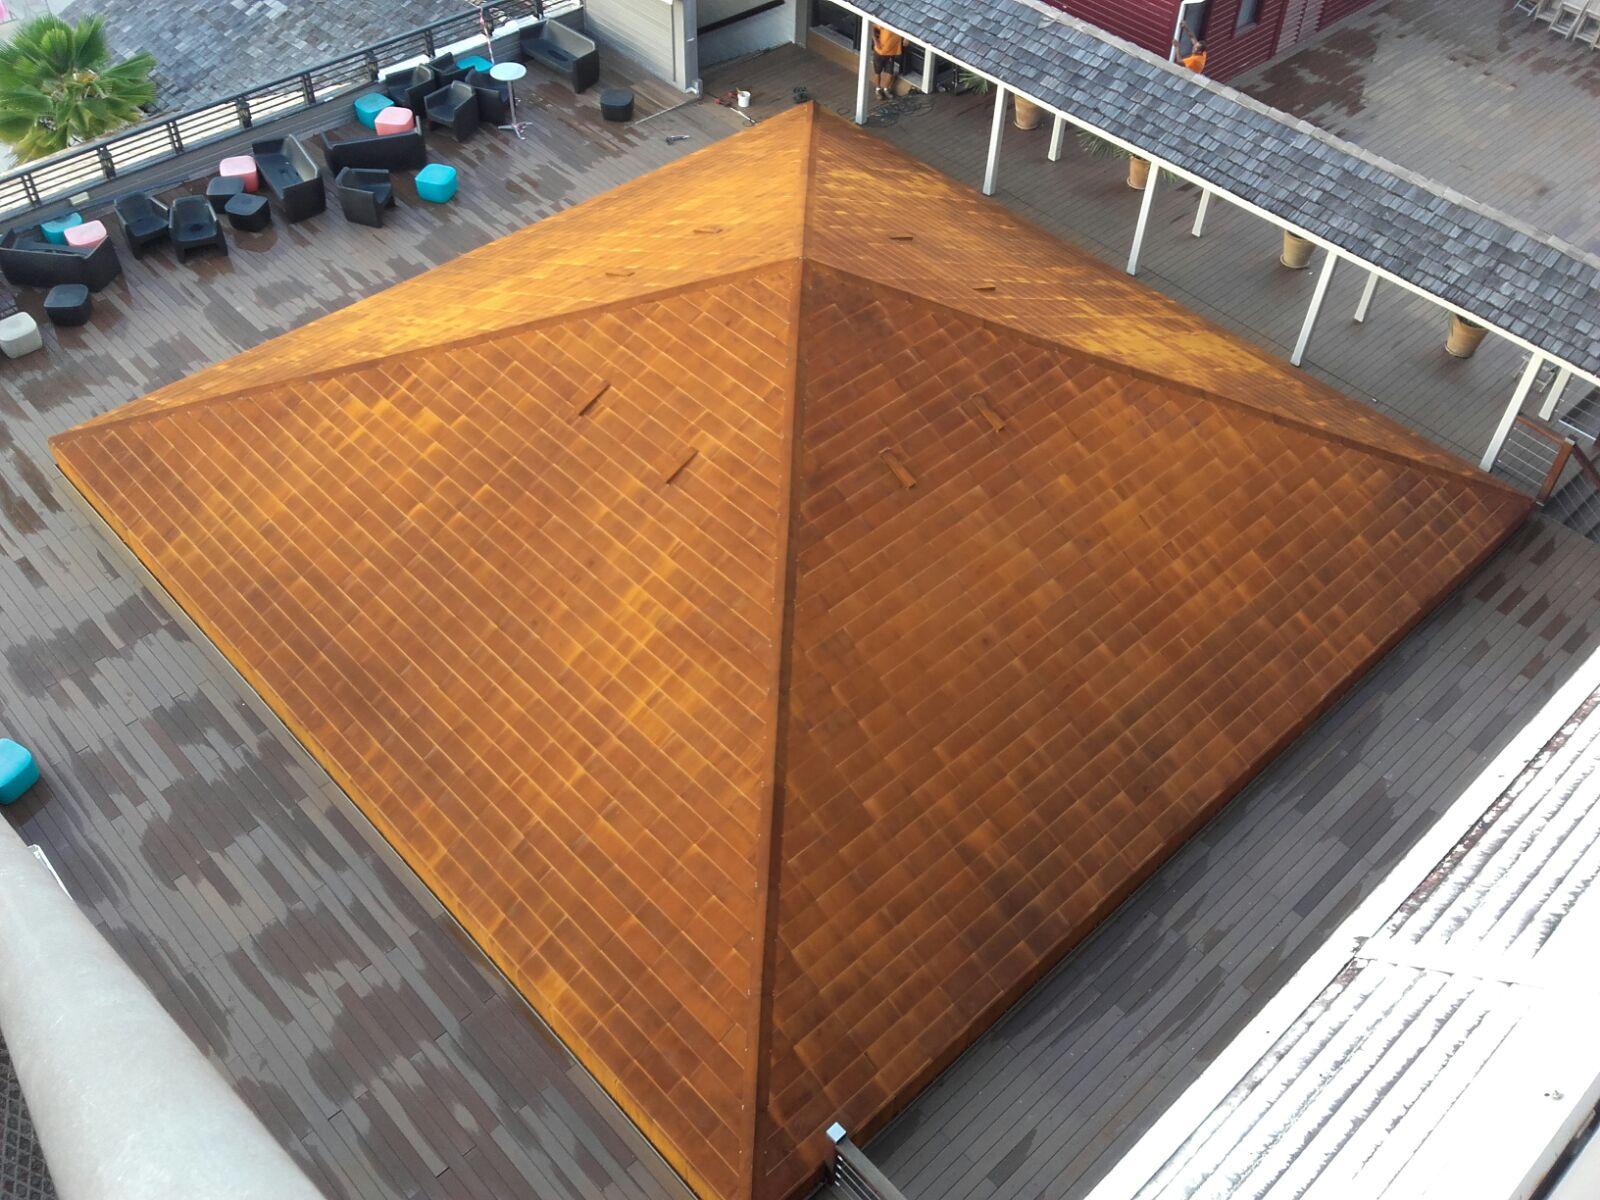 Cubierta y fachada de acero corten de pir mide en hotel en - Acero corten fachadas ...